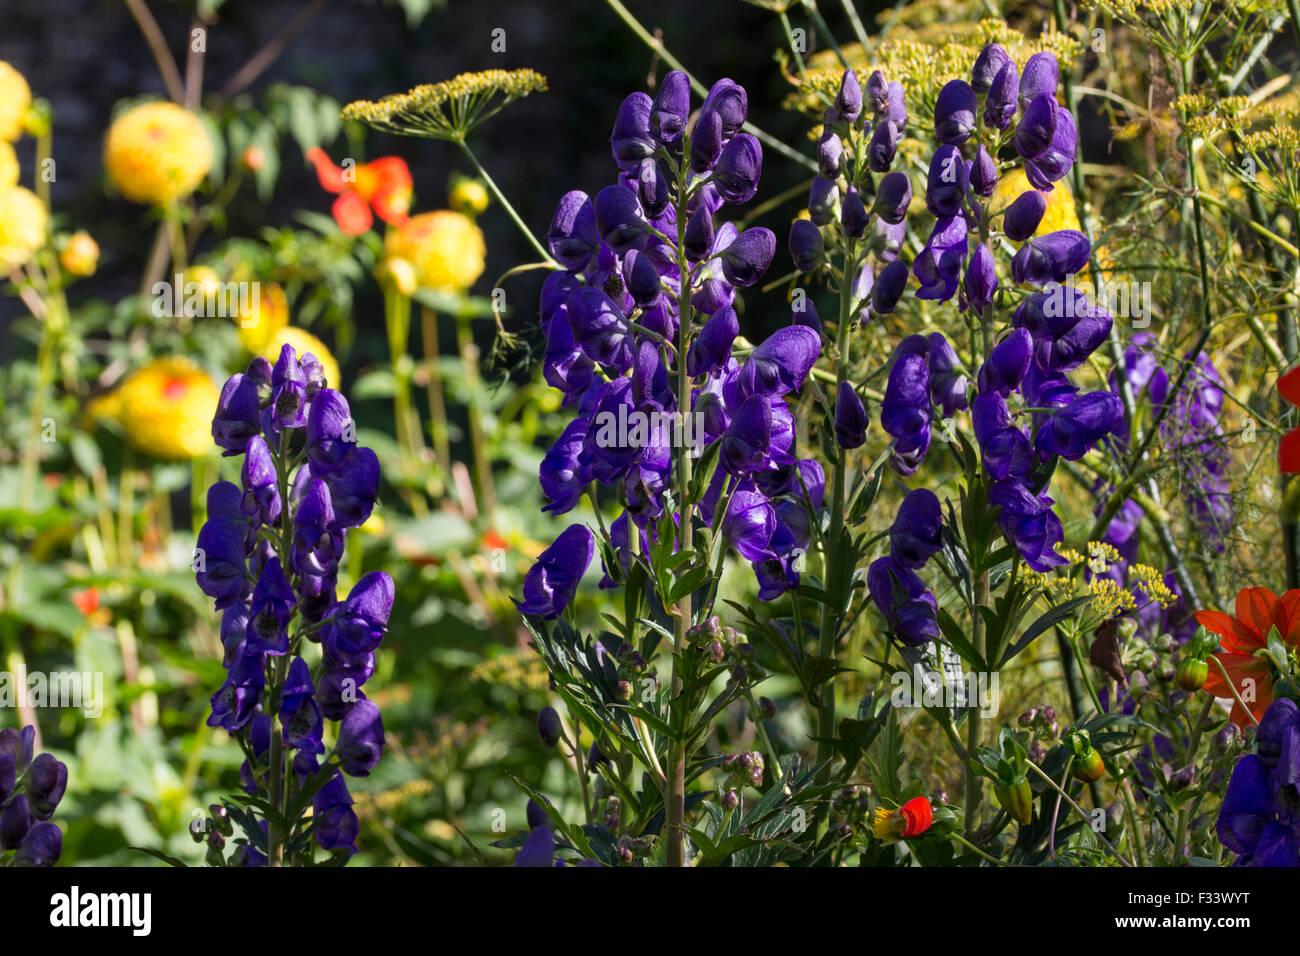 Deep blue flowers of the late flowering perennial monkshood deep blue flowers of the late flowering perennial monkshood aconitum carmichaelii the grim reaper mightylinksfo